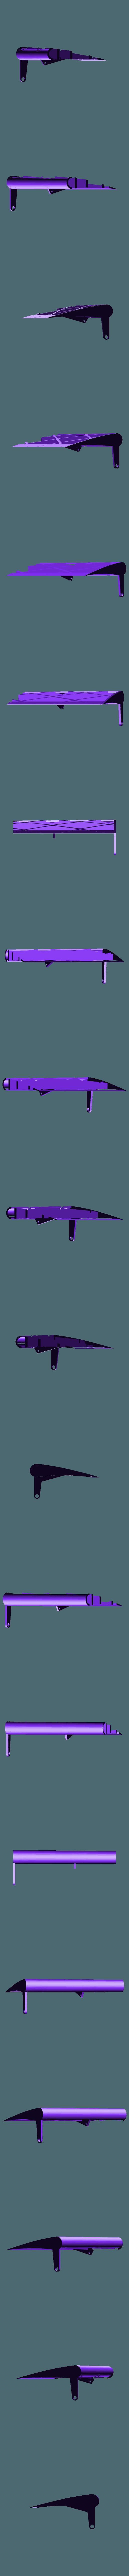 Flap_1L_Scaled.stl Télécharger fichier STL gratuit Module HF3D : Plan imprimé 3D • Modèle pour imprimante 3D, FurEter